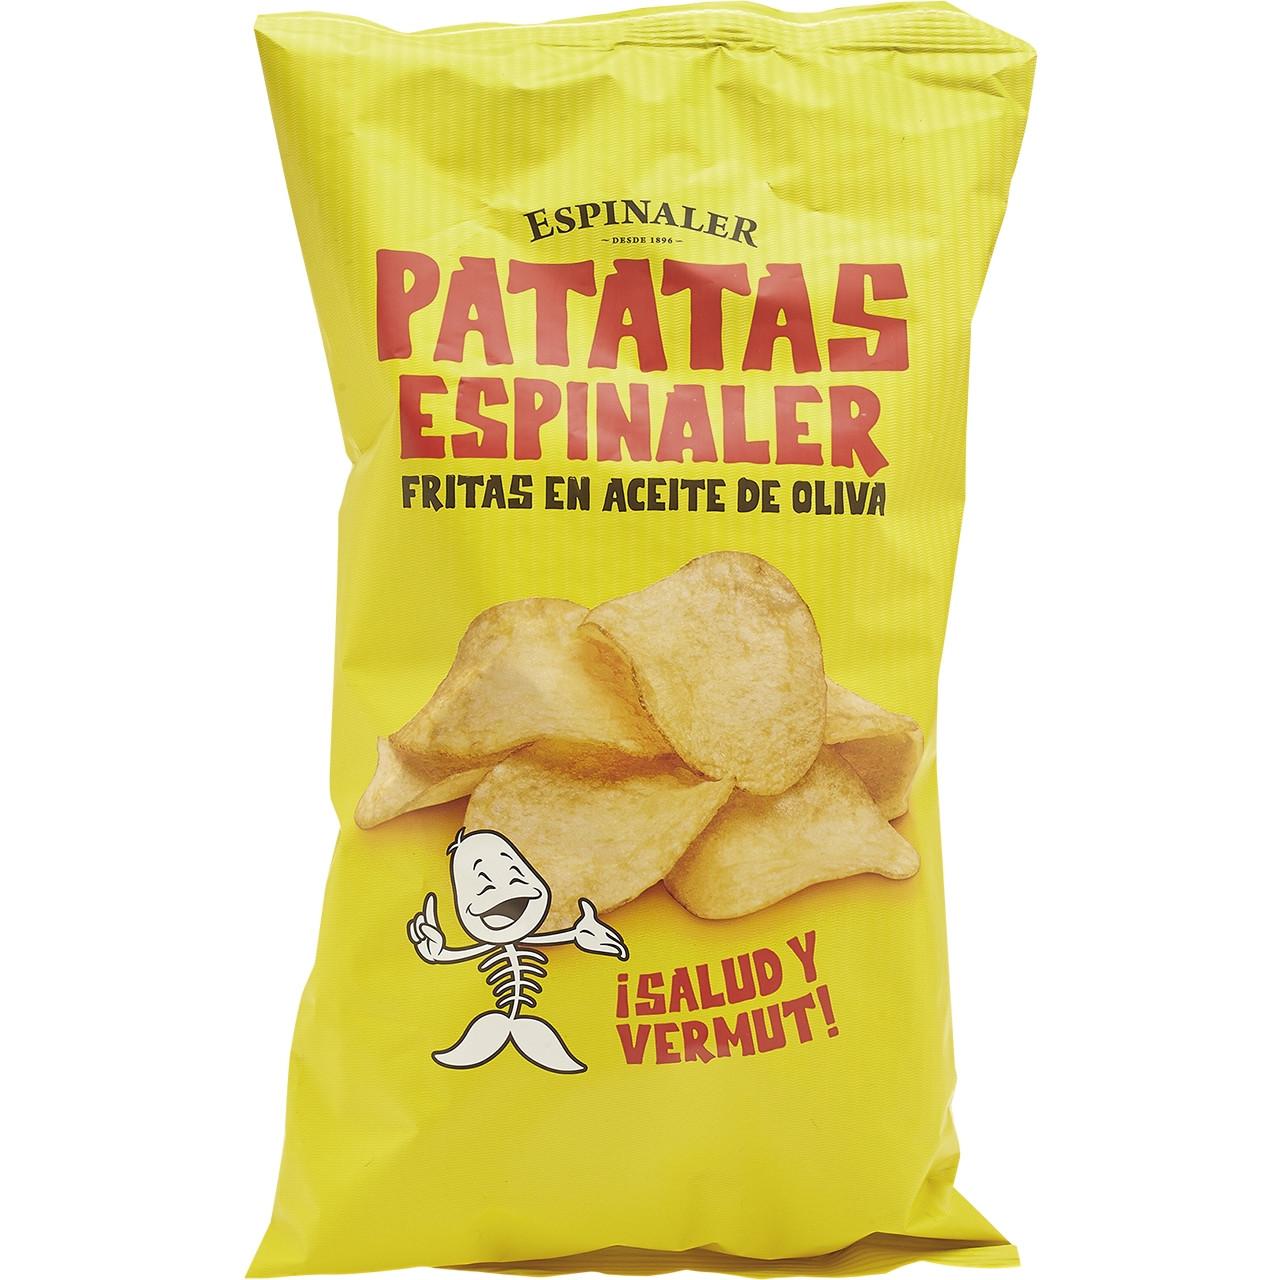 Espinaler-patates fregides